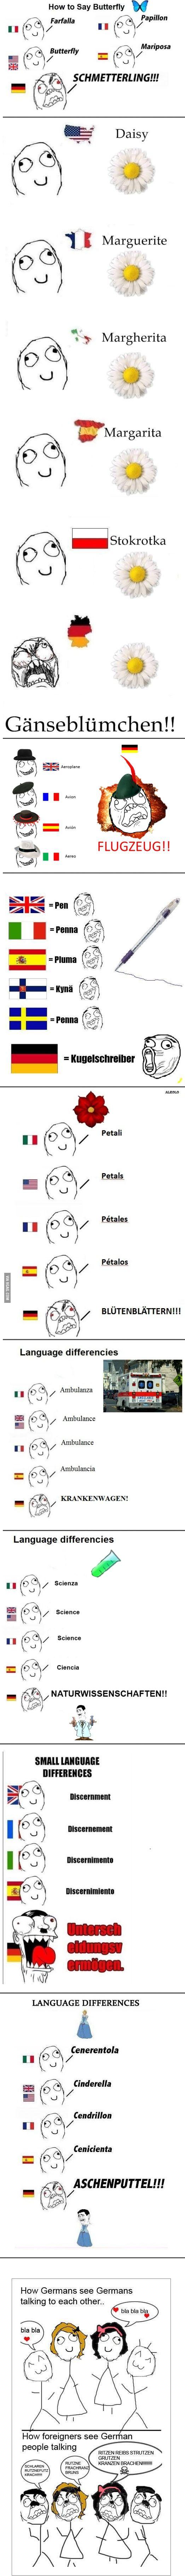 The German language...